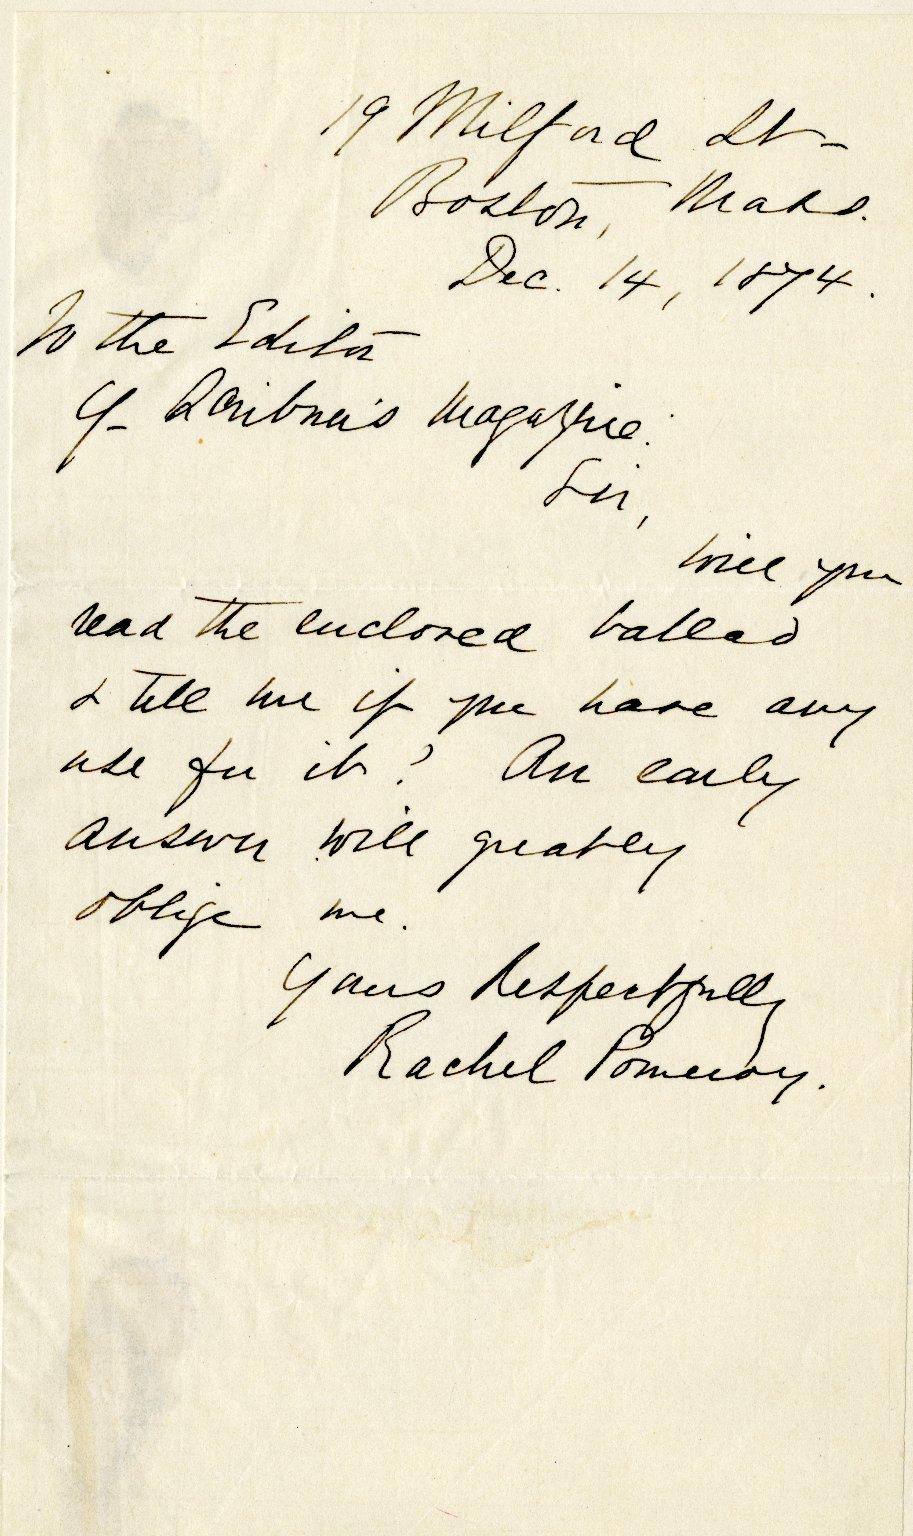 Pomeroy, Rachel. ALS, 1 page, December 14, 1874.